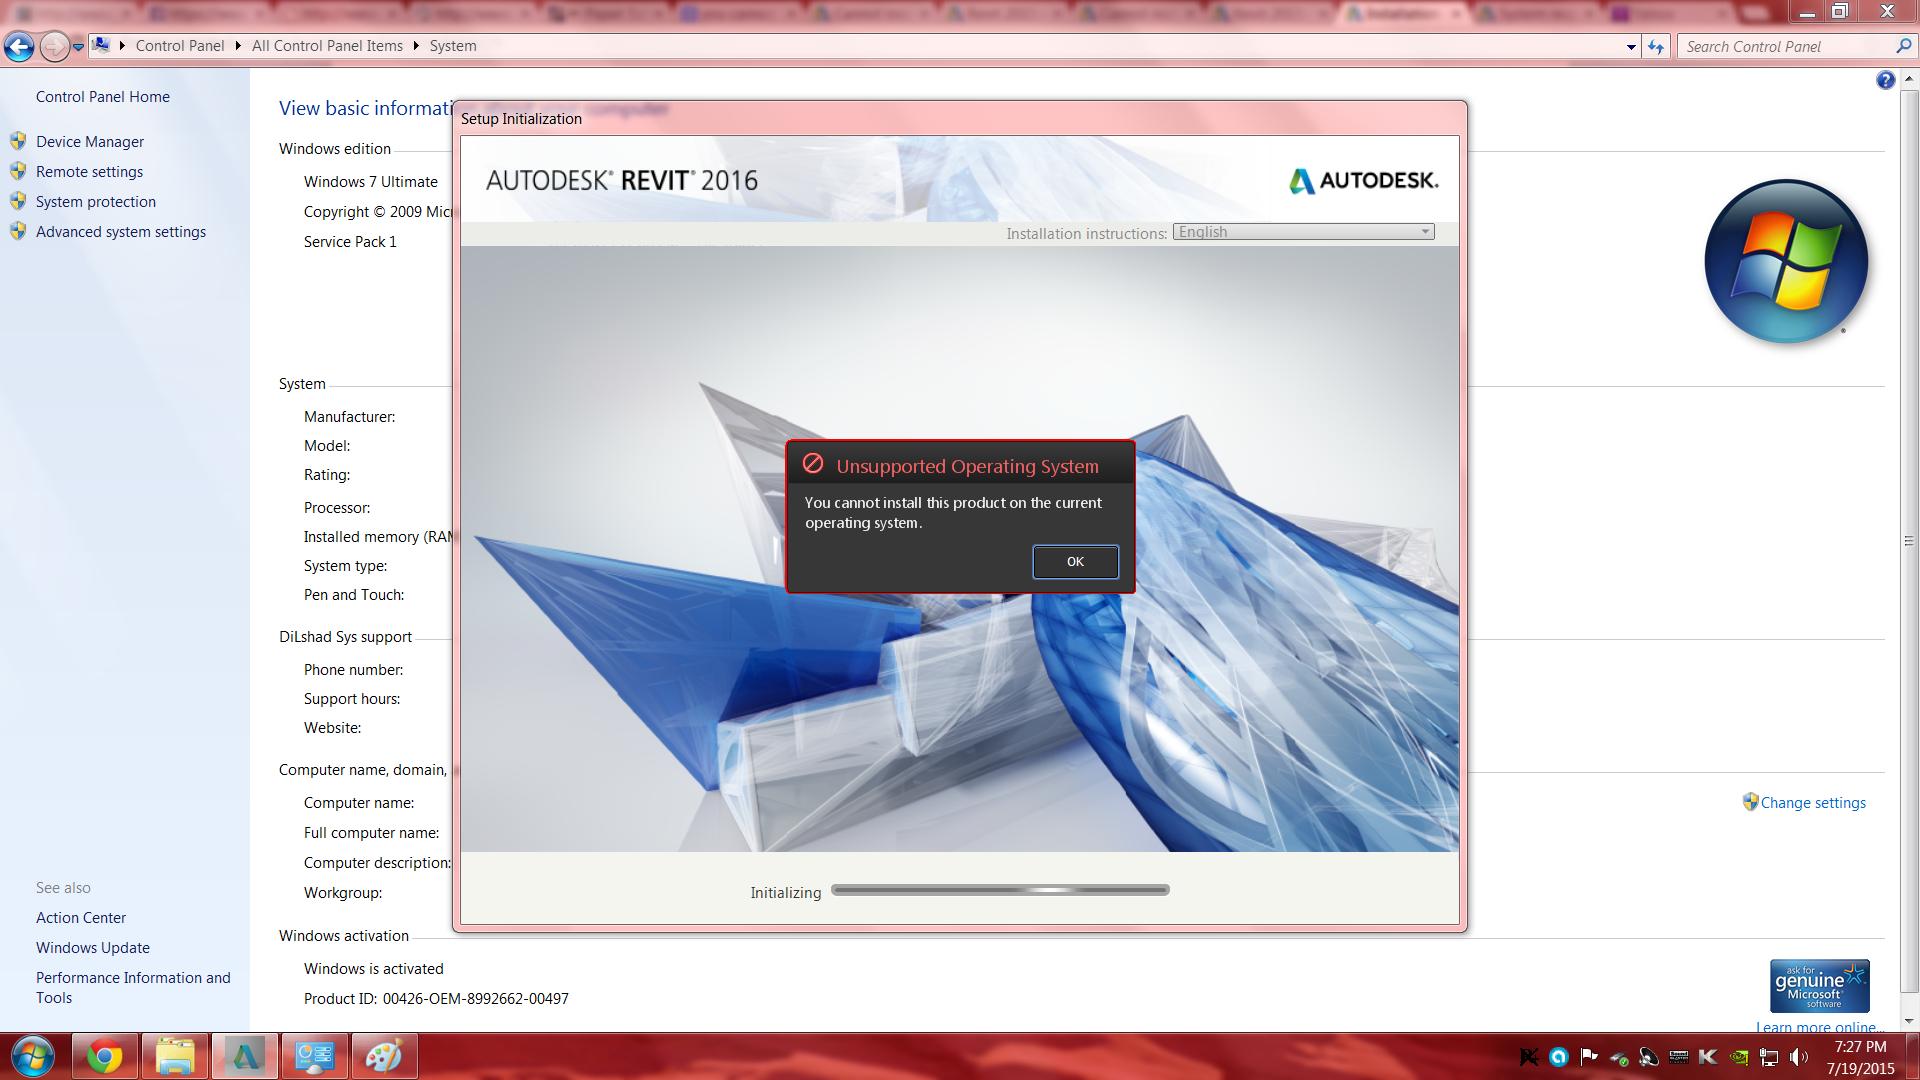 autodesk revit system requirements